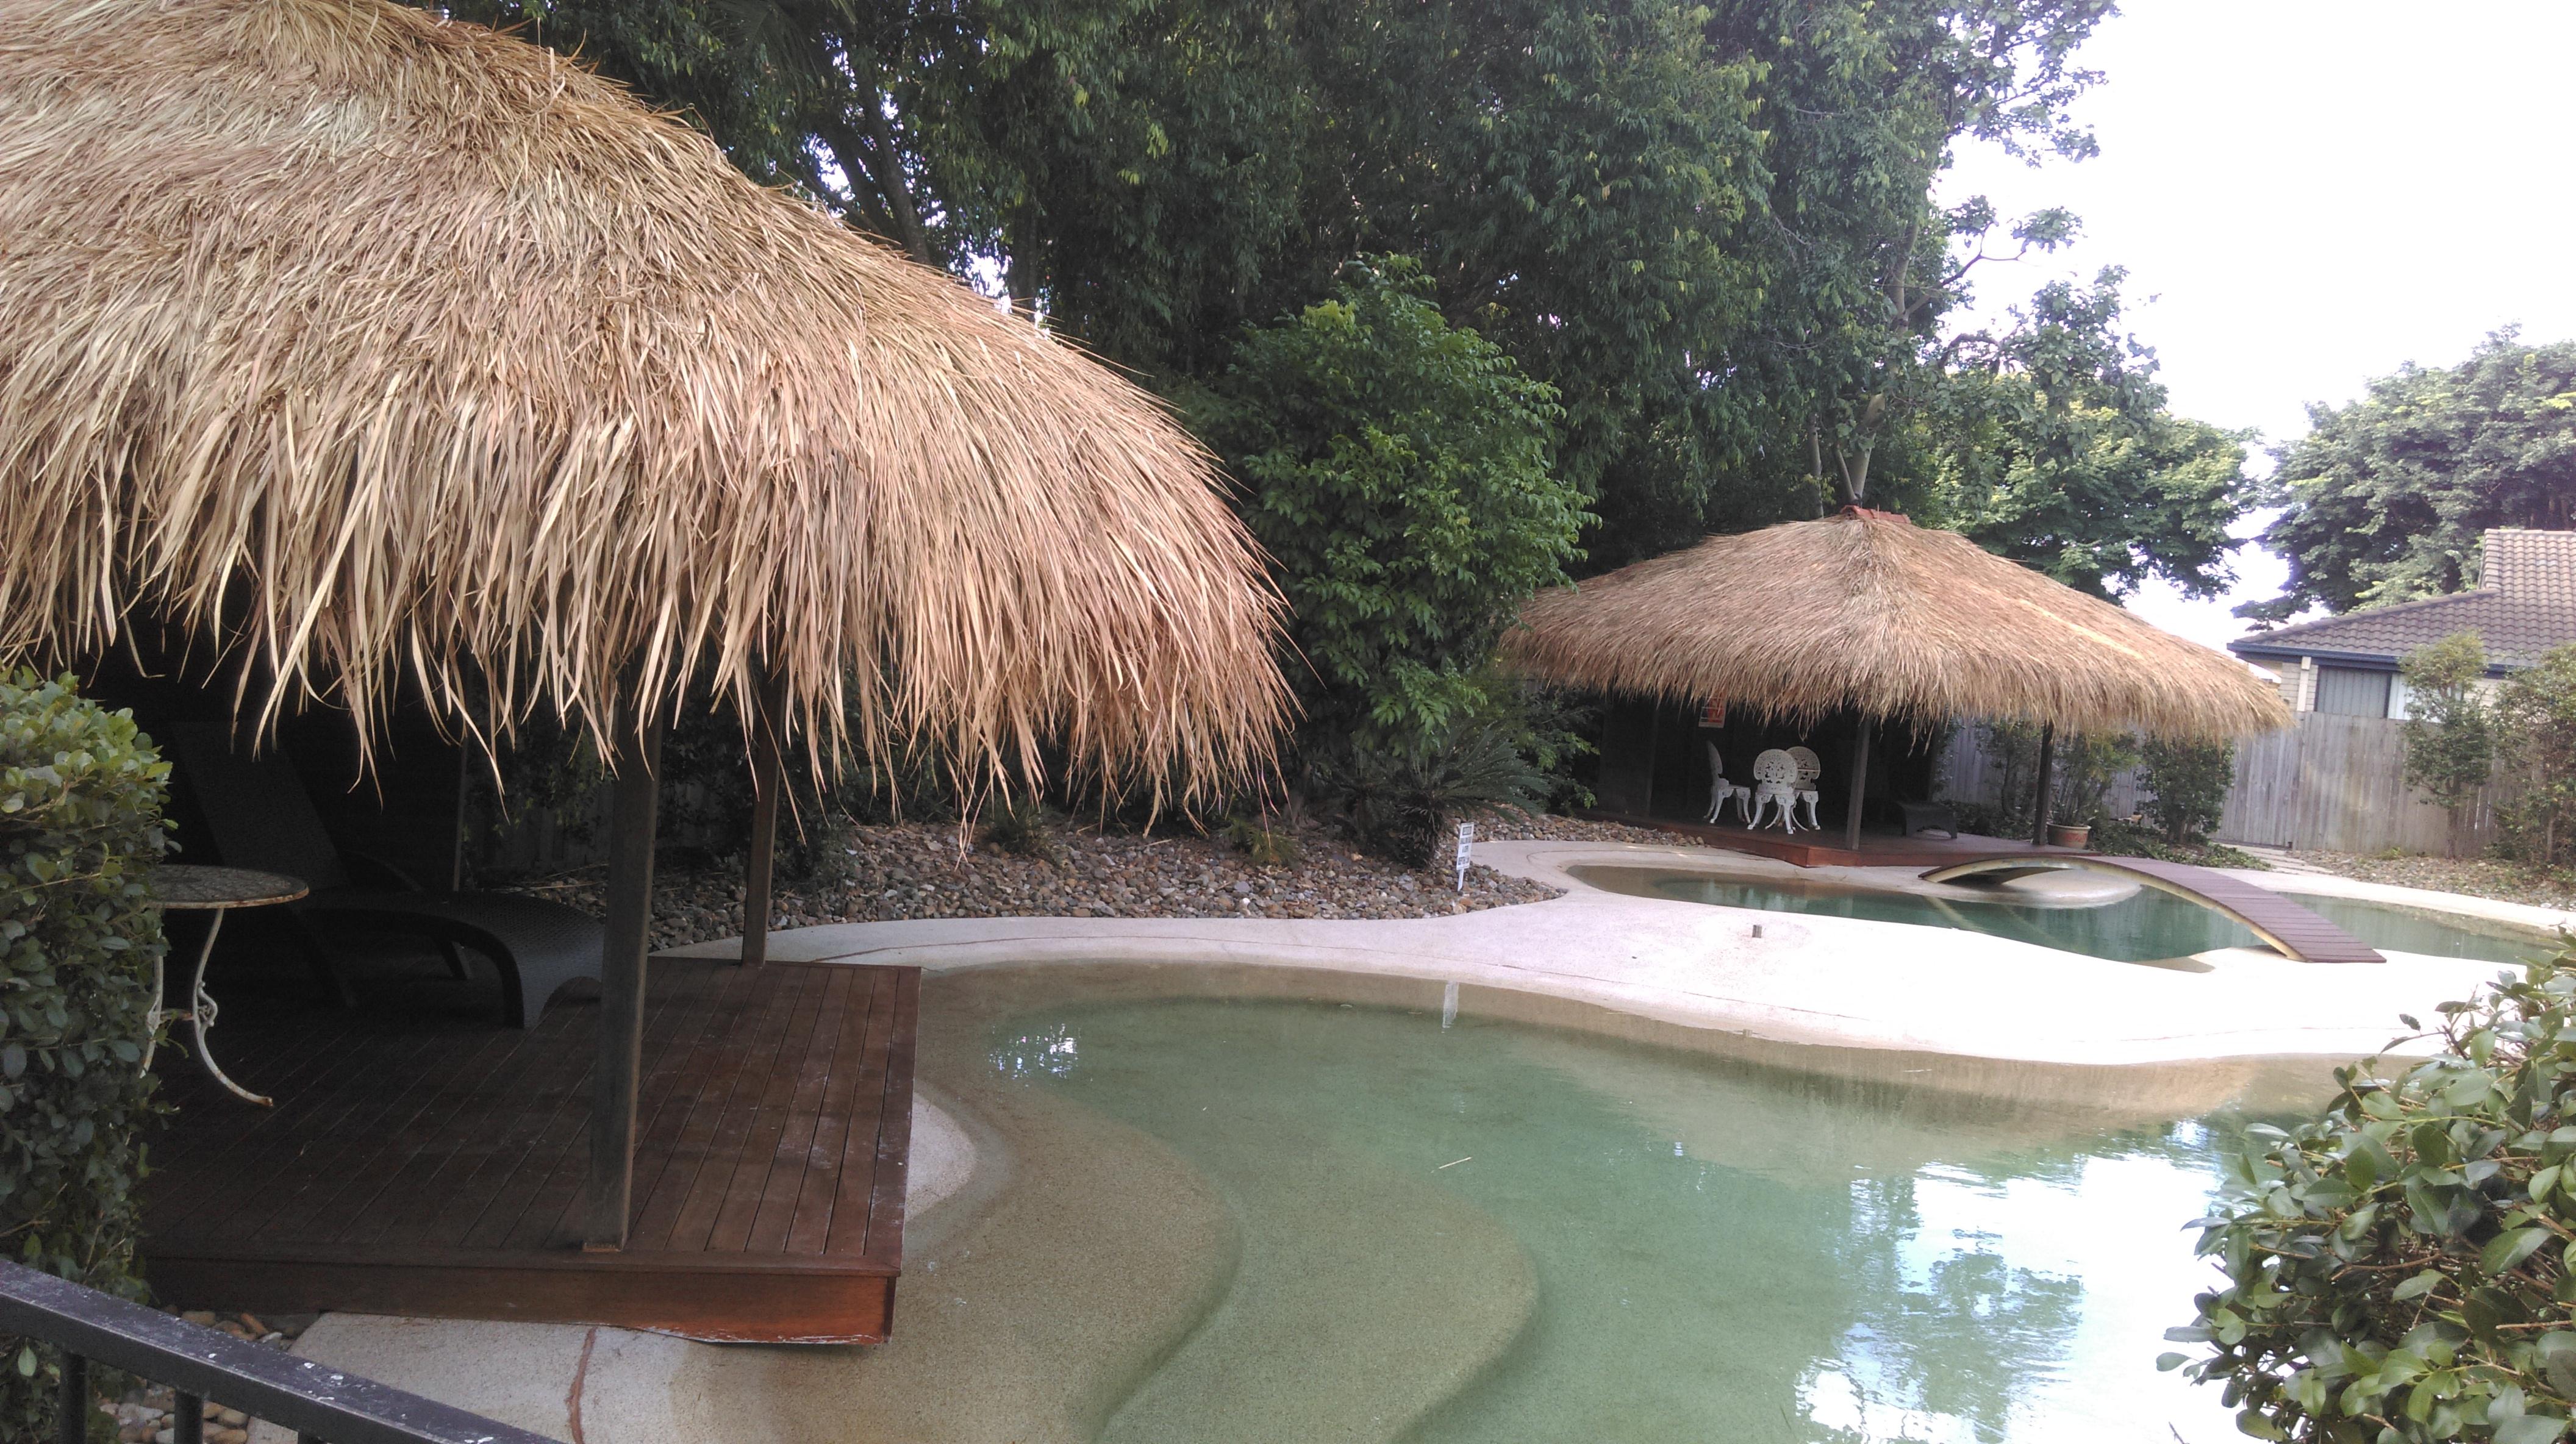 Btisbane Thatch and Decks